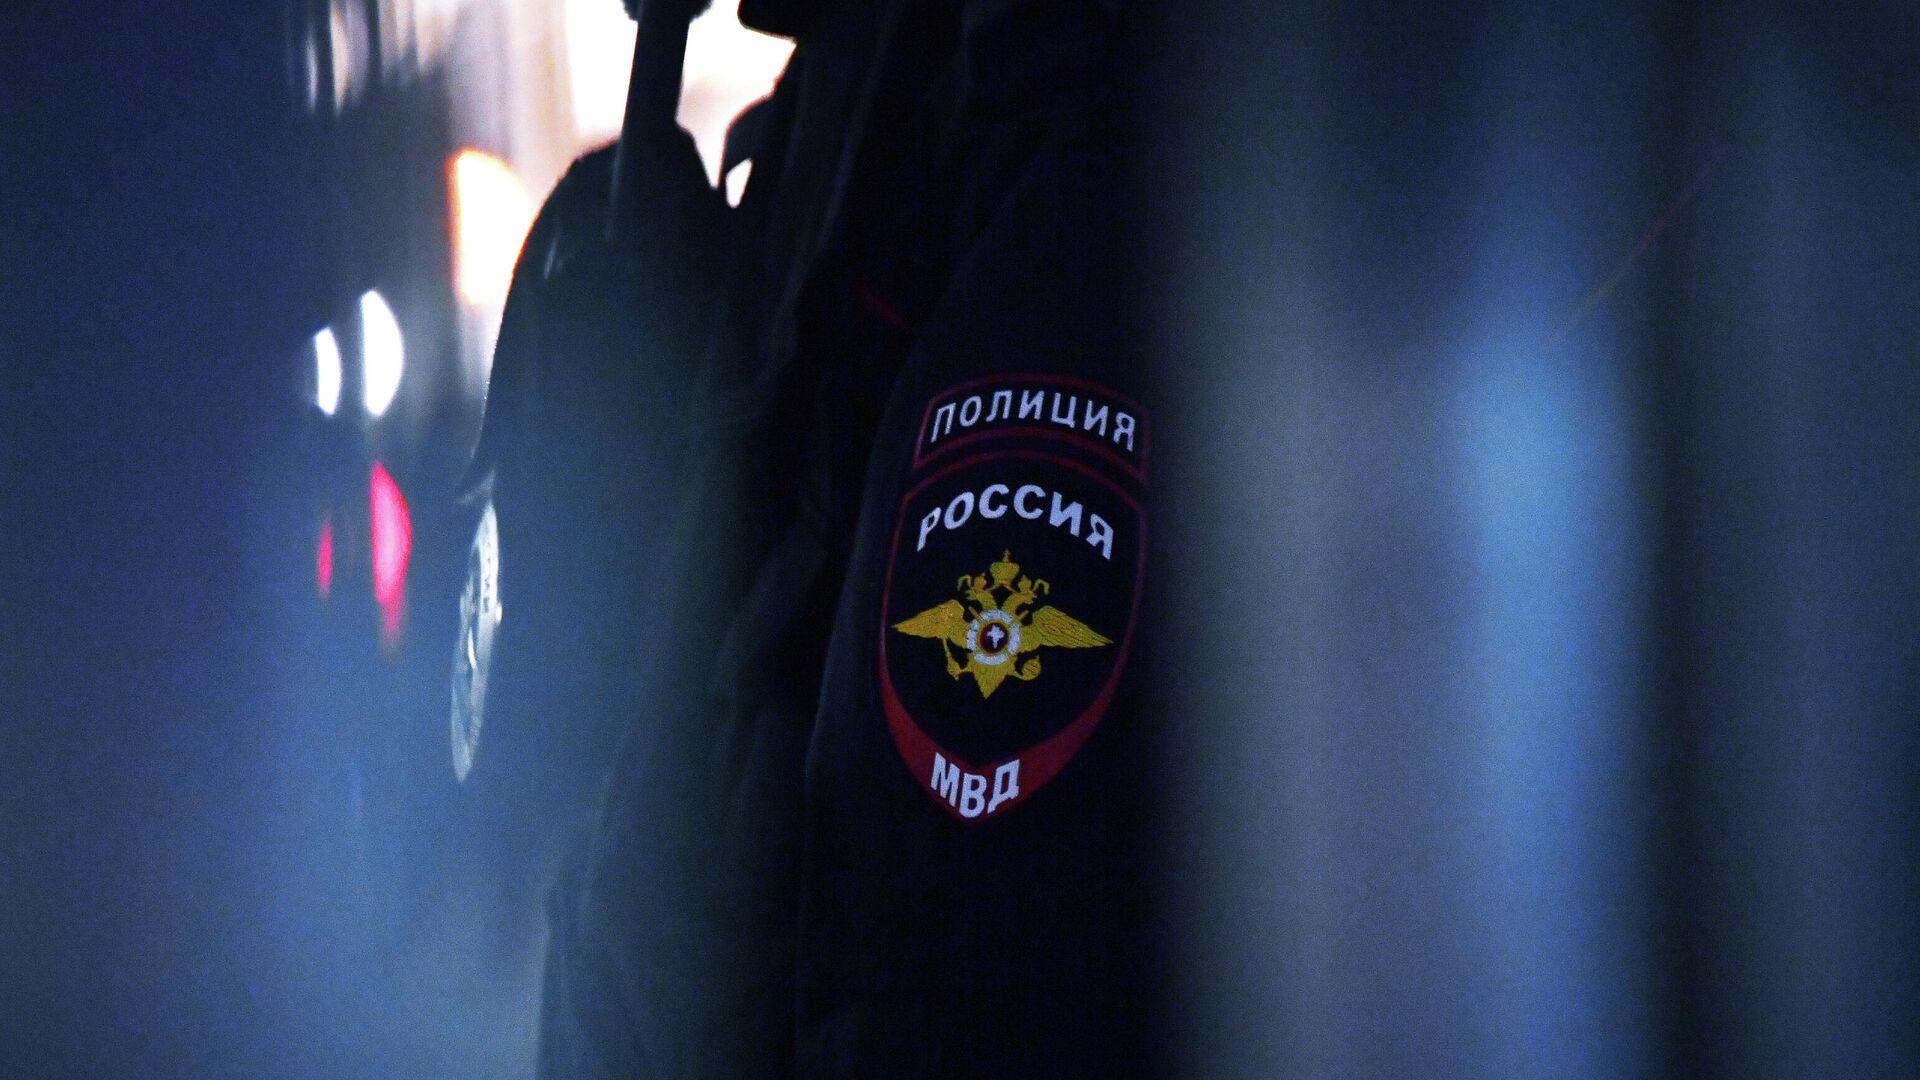 Эмблема на форме сотрудника полиции - РИА Новости, 1920, 04.08.2021